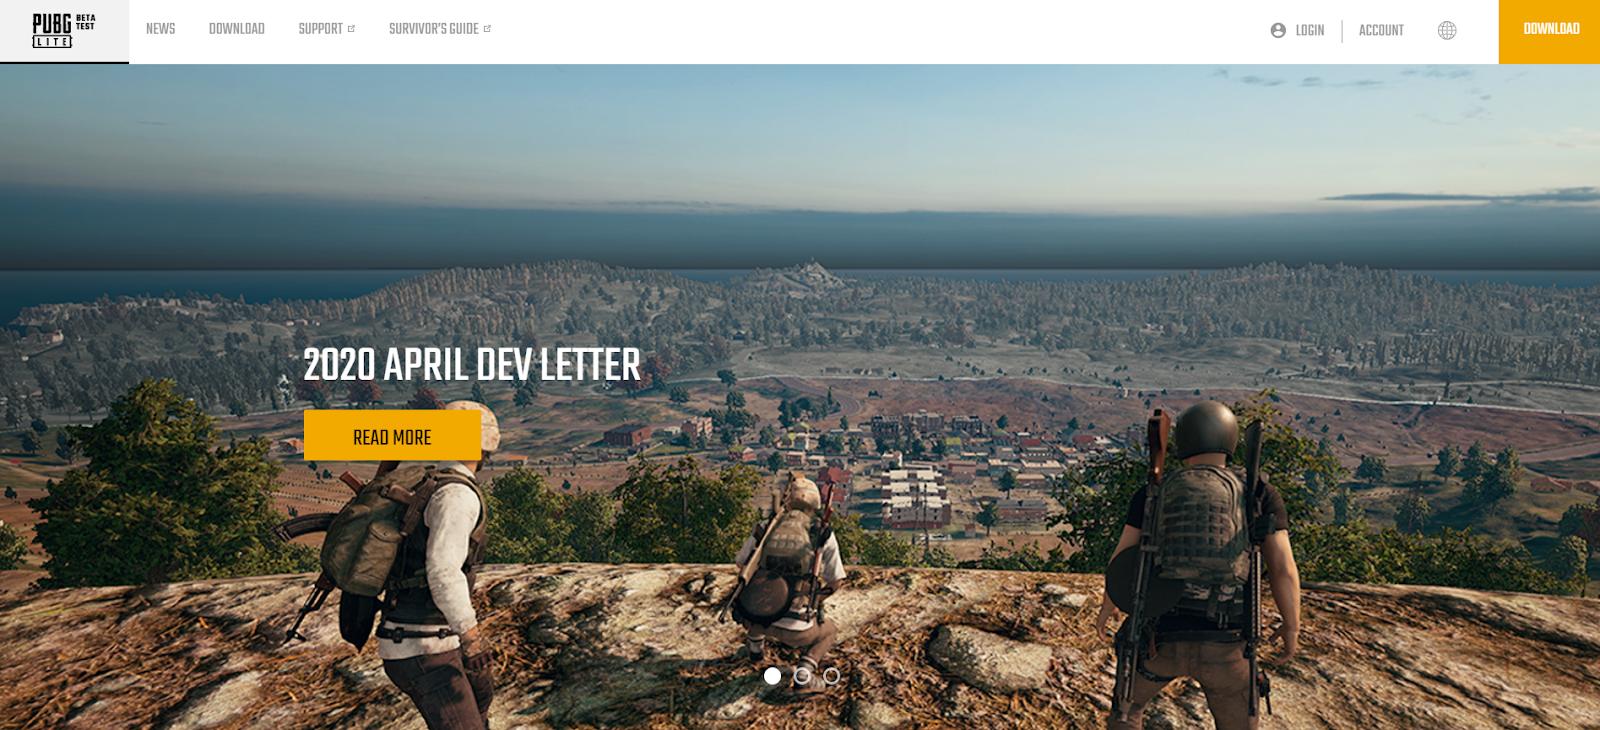 April Dev Letter